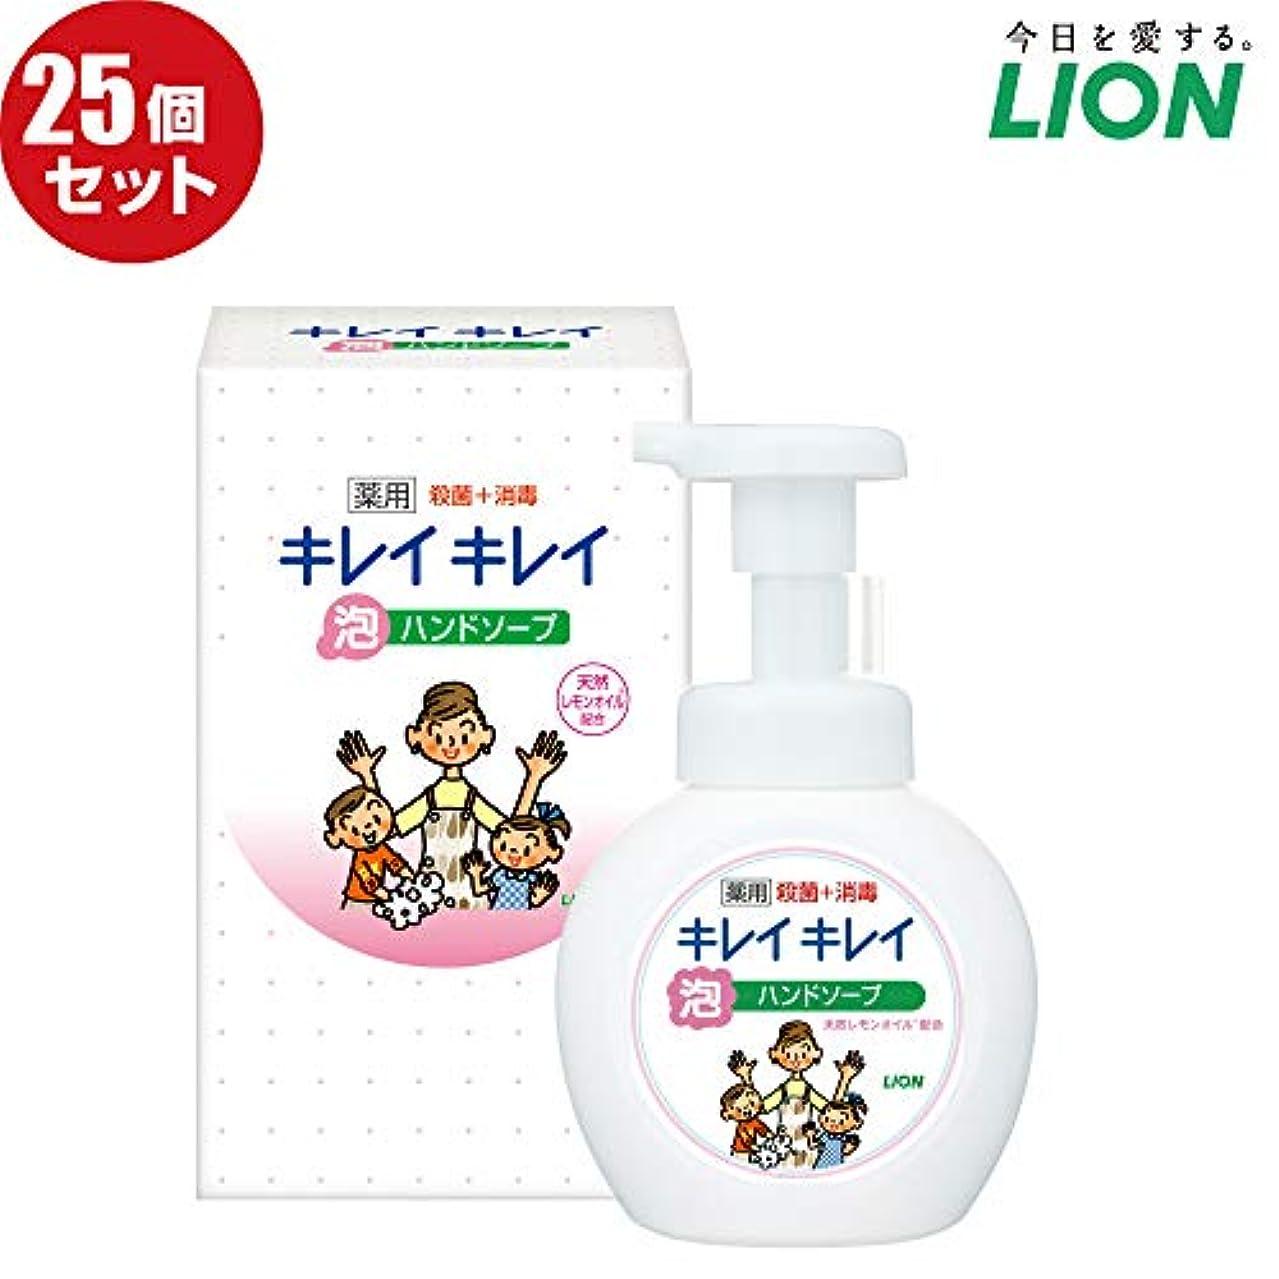 確かにダルセット贈り物【25個セット】LION キレイキレイ薬用泡ハンドソープ250ml ノベルティギフト用化粧箱入